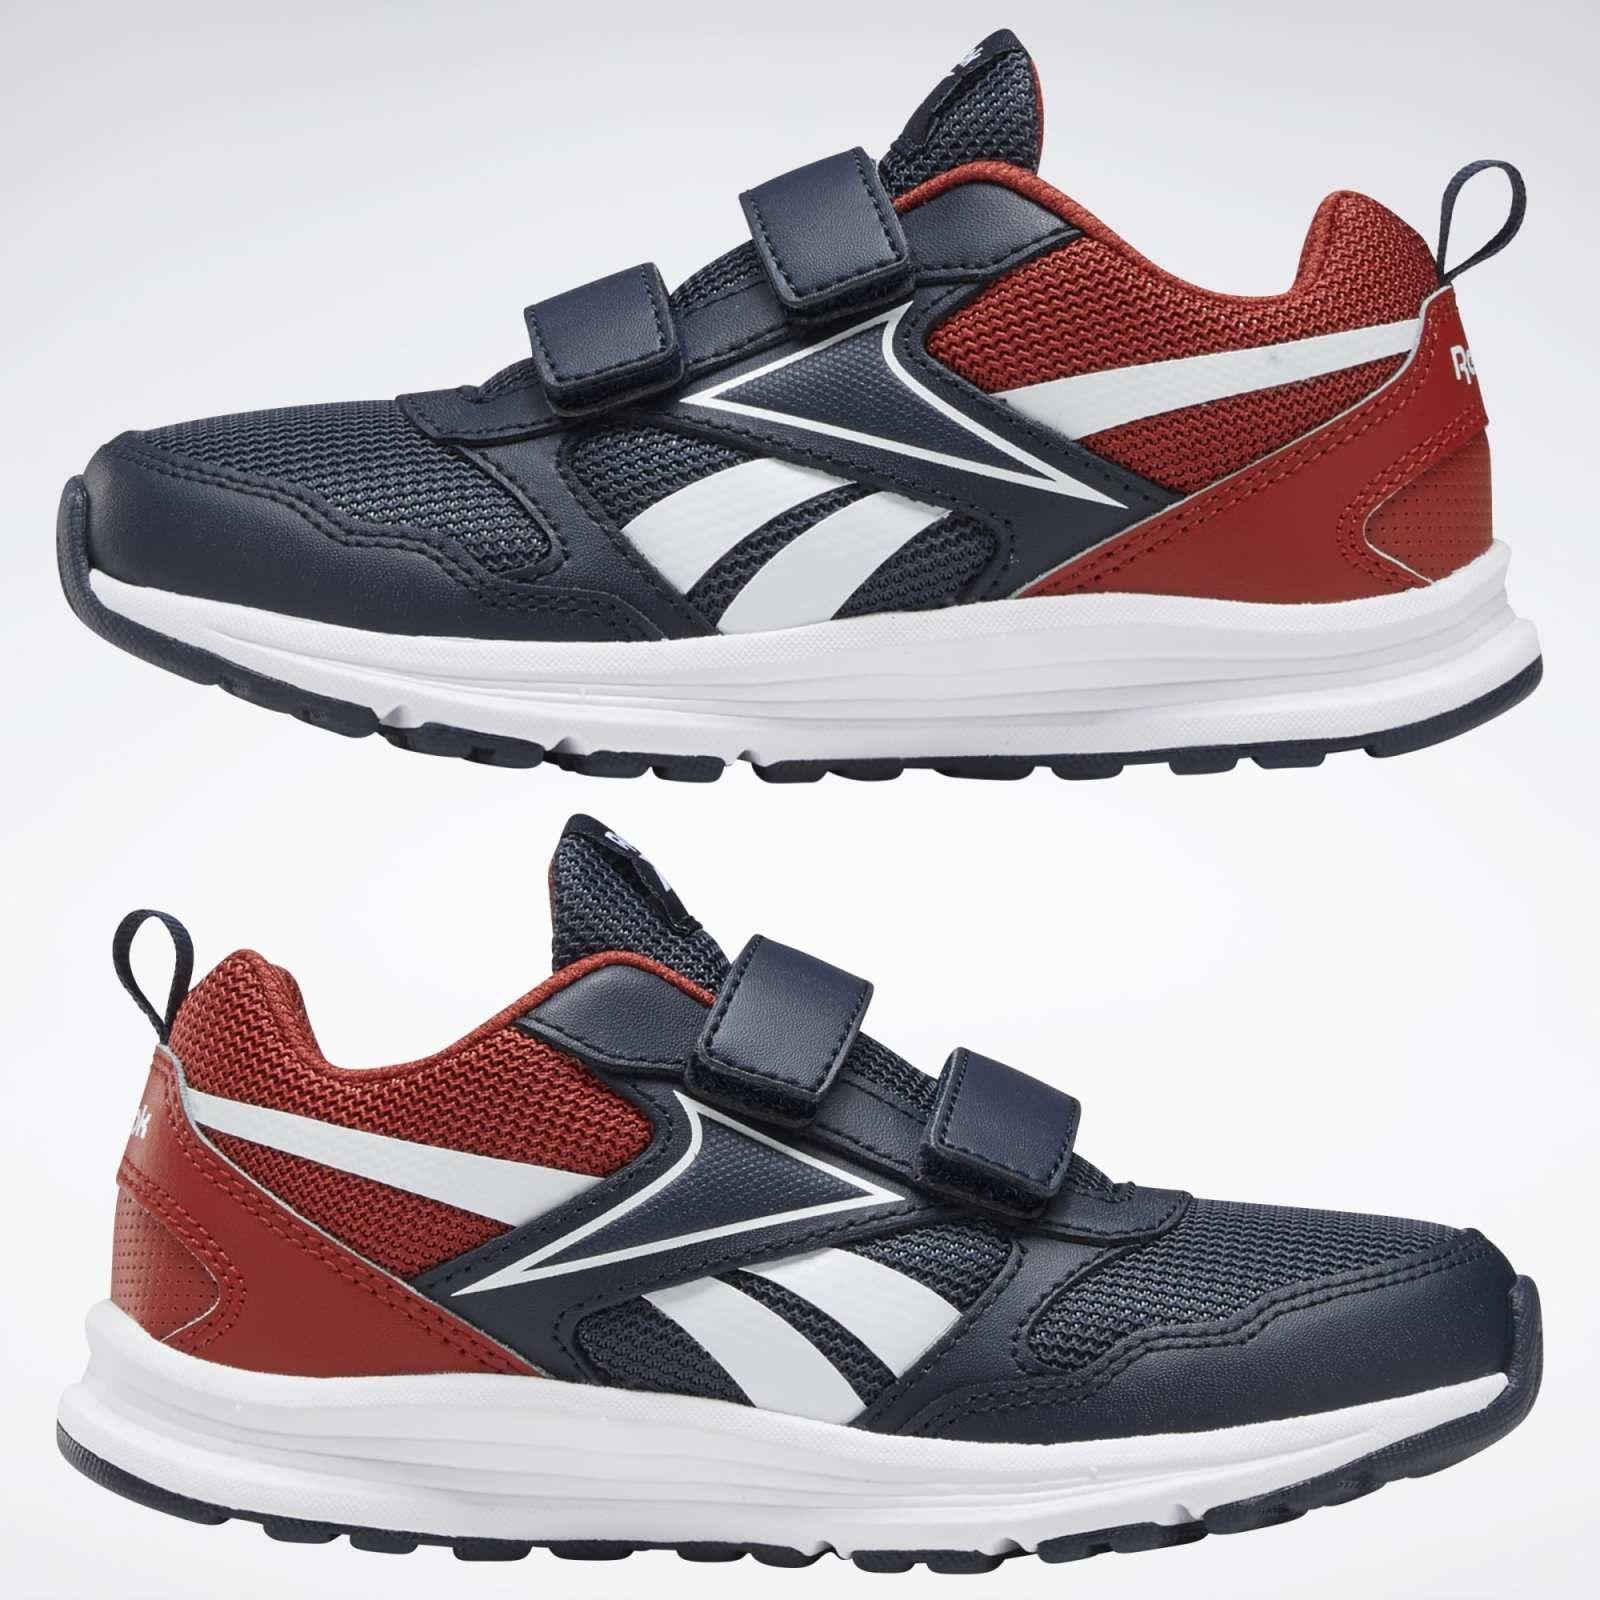 کفش مخصوص دویدن بچگانه ریباک مدل ALMOTIO 5.0 2V EF3328 -  - 3